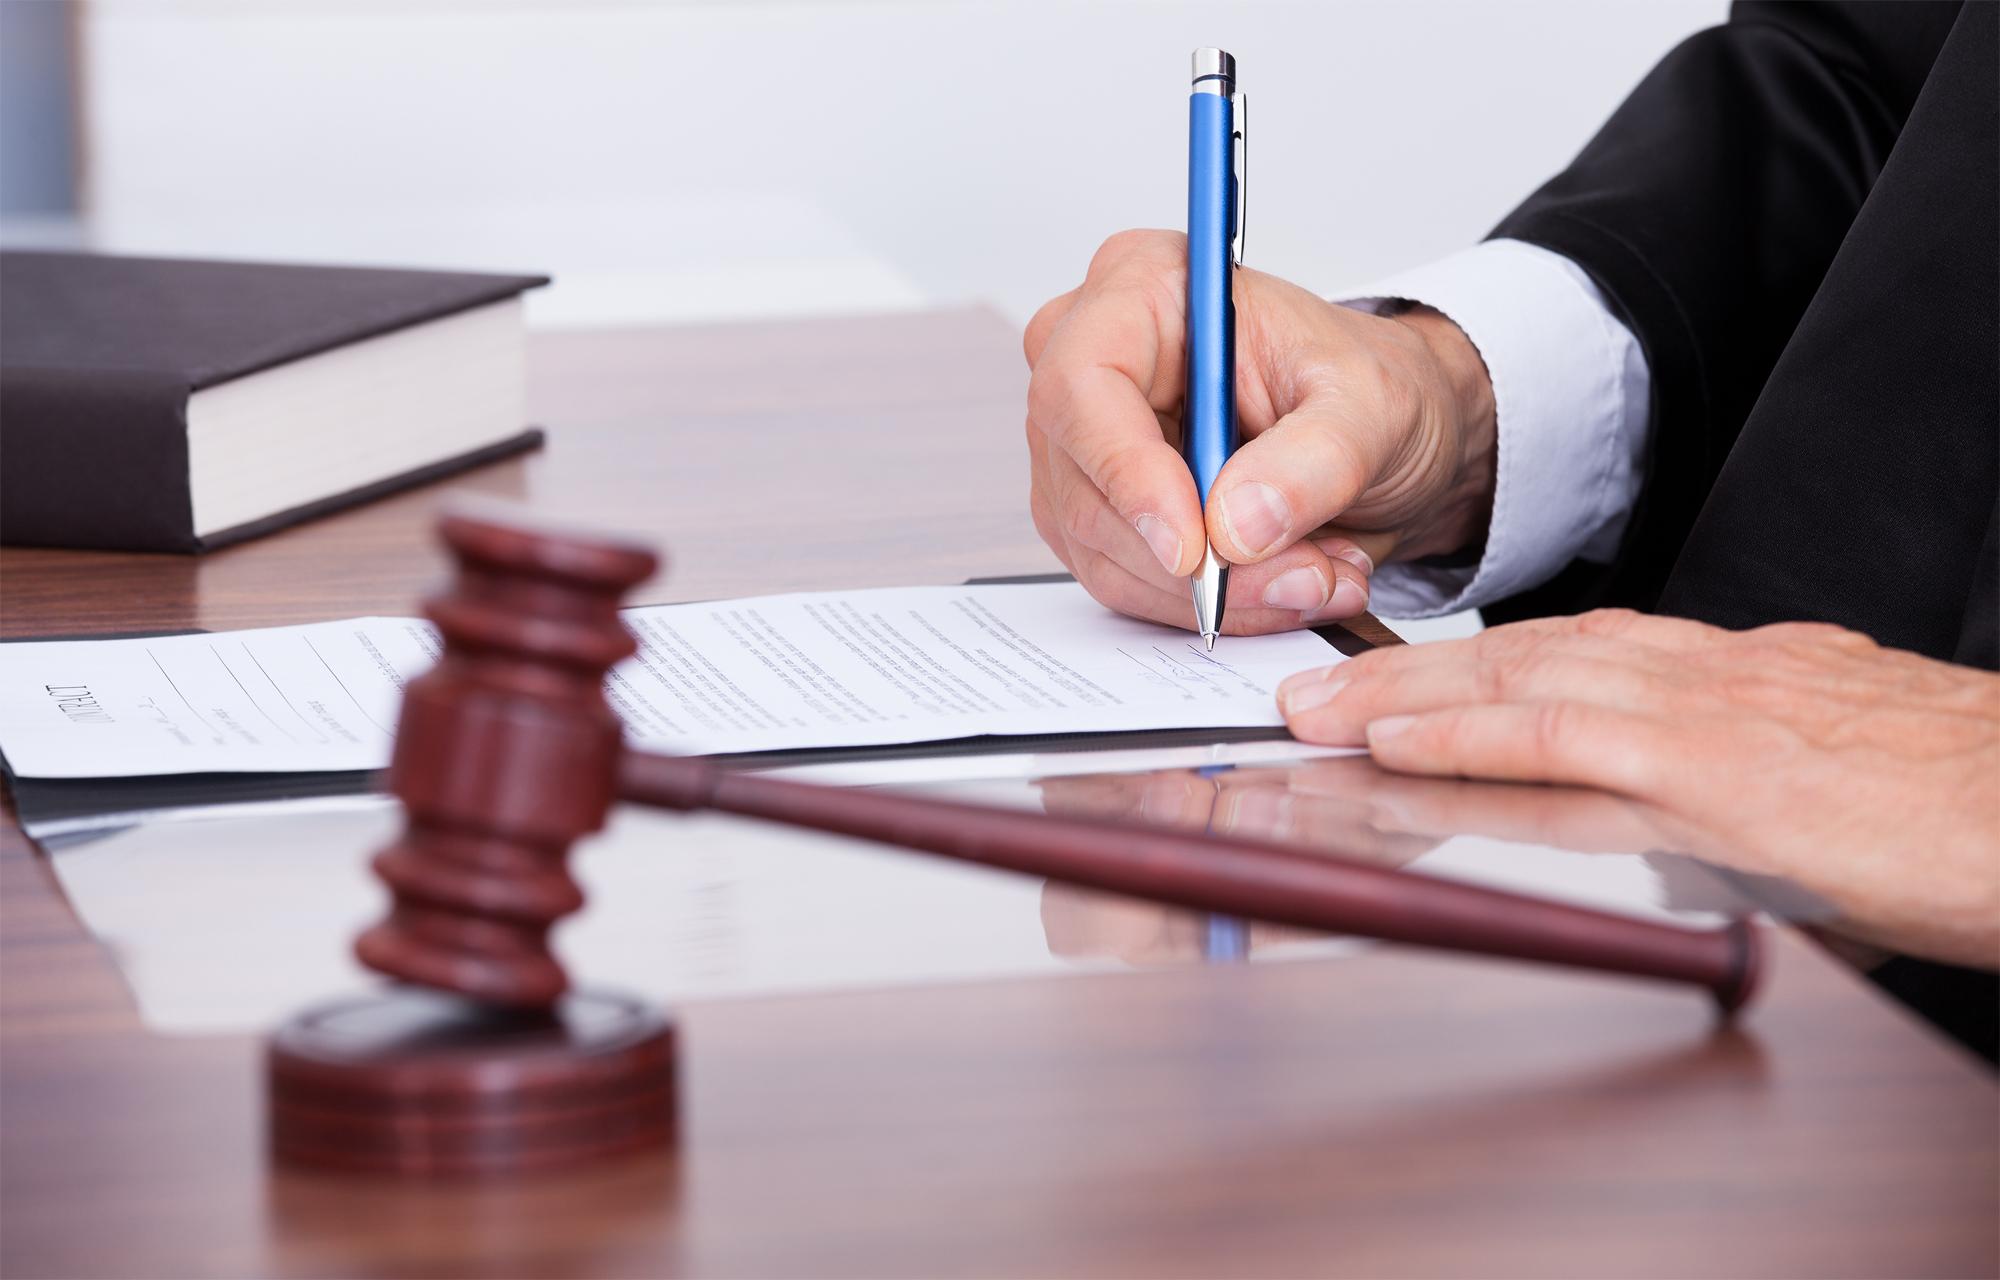 הודאת חוץ של נאשם במשפט פלילי - התנאים לקבלתה ופסילתה